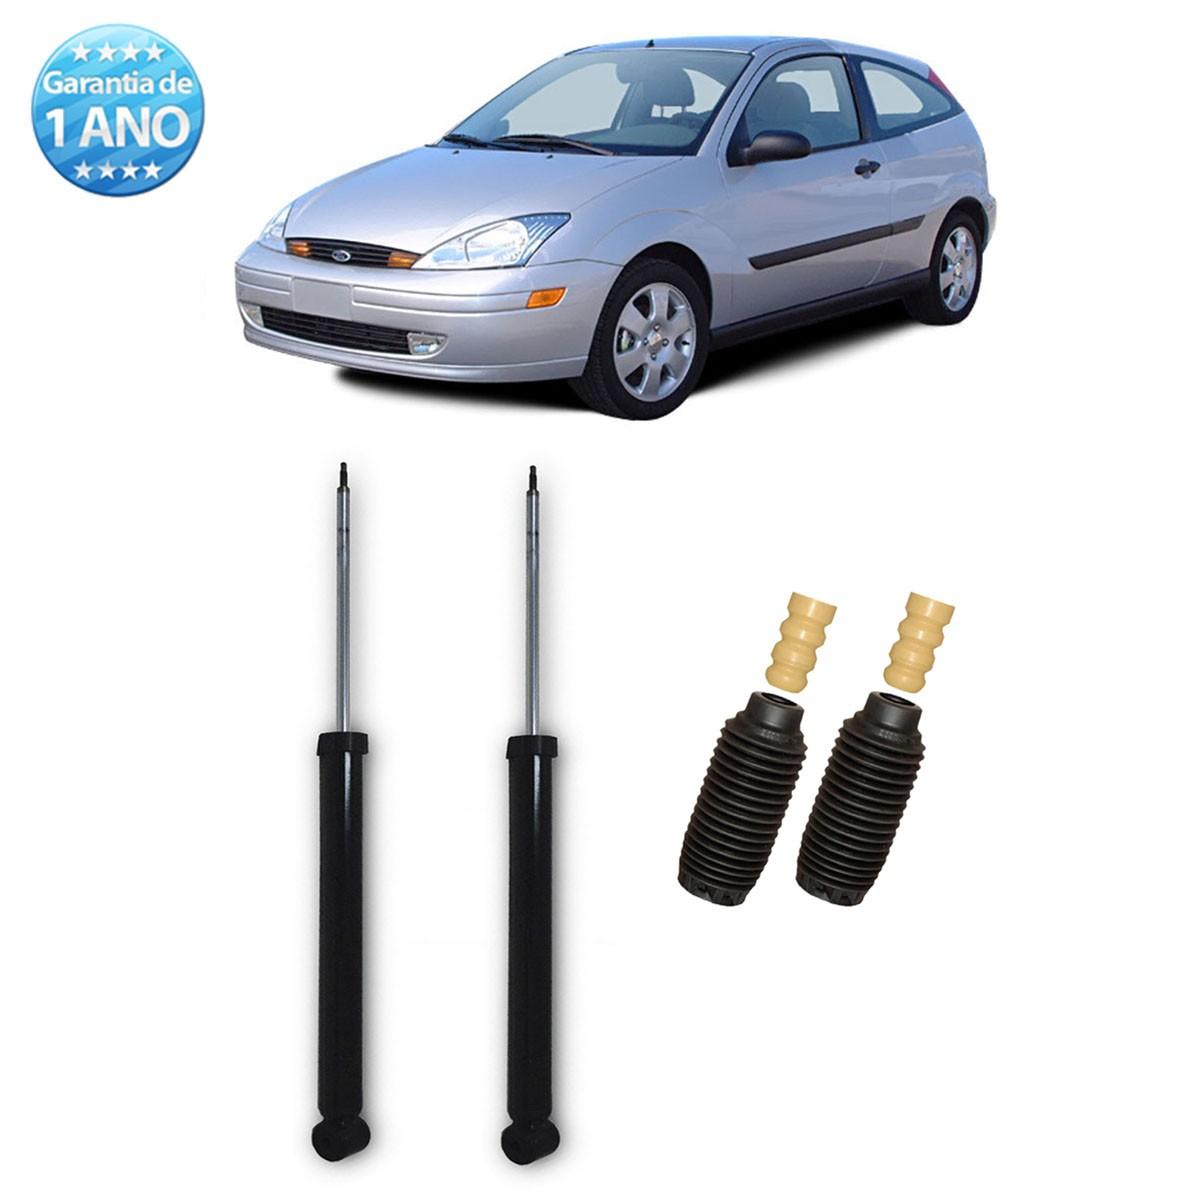 Par de Amortecedores Traseiro Remanufaturados Ford Focus 2000 Até 2008 + Kit da Suspensão